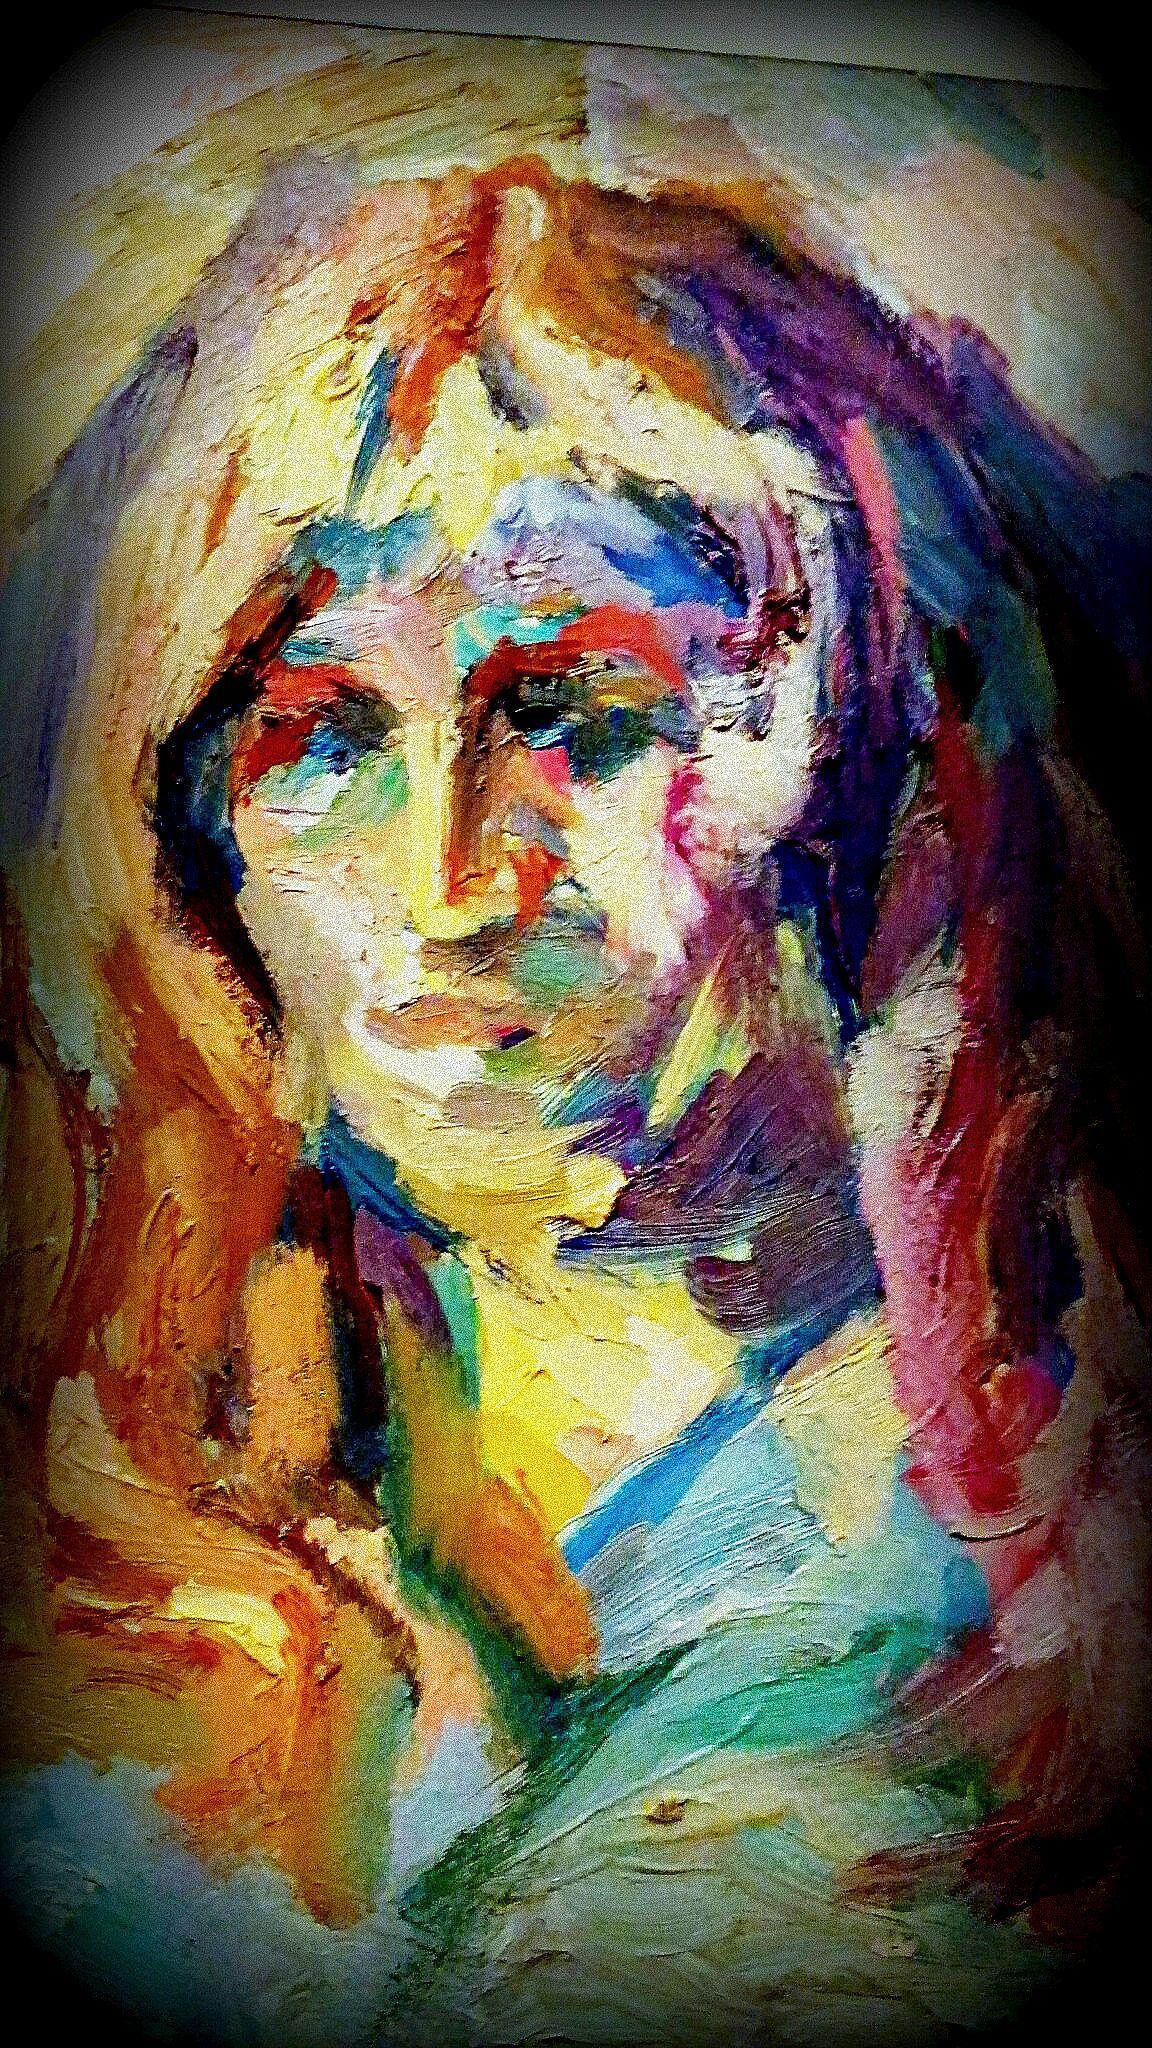 современная модель картины девушка радуга живопись девочка постимпрессионизм яркая натурщица картина